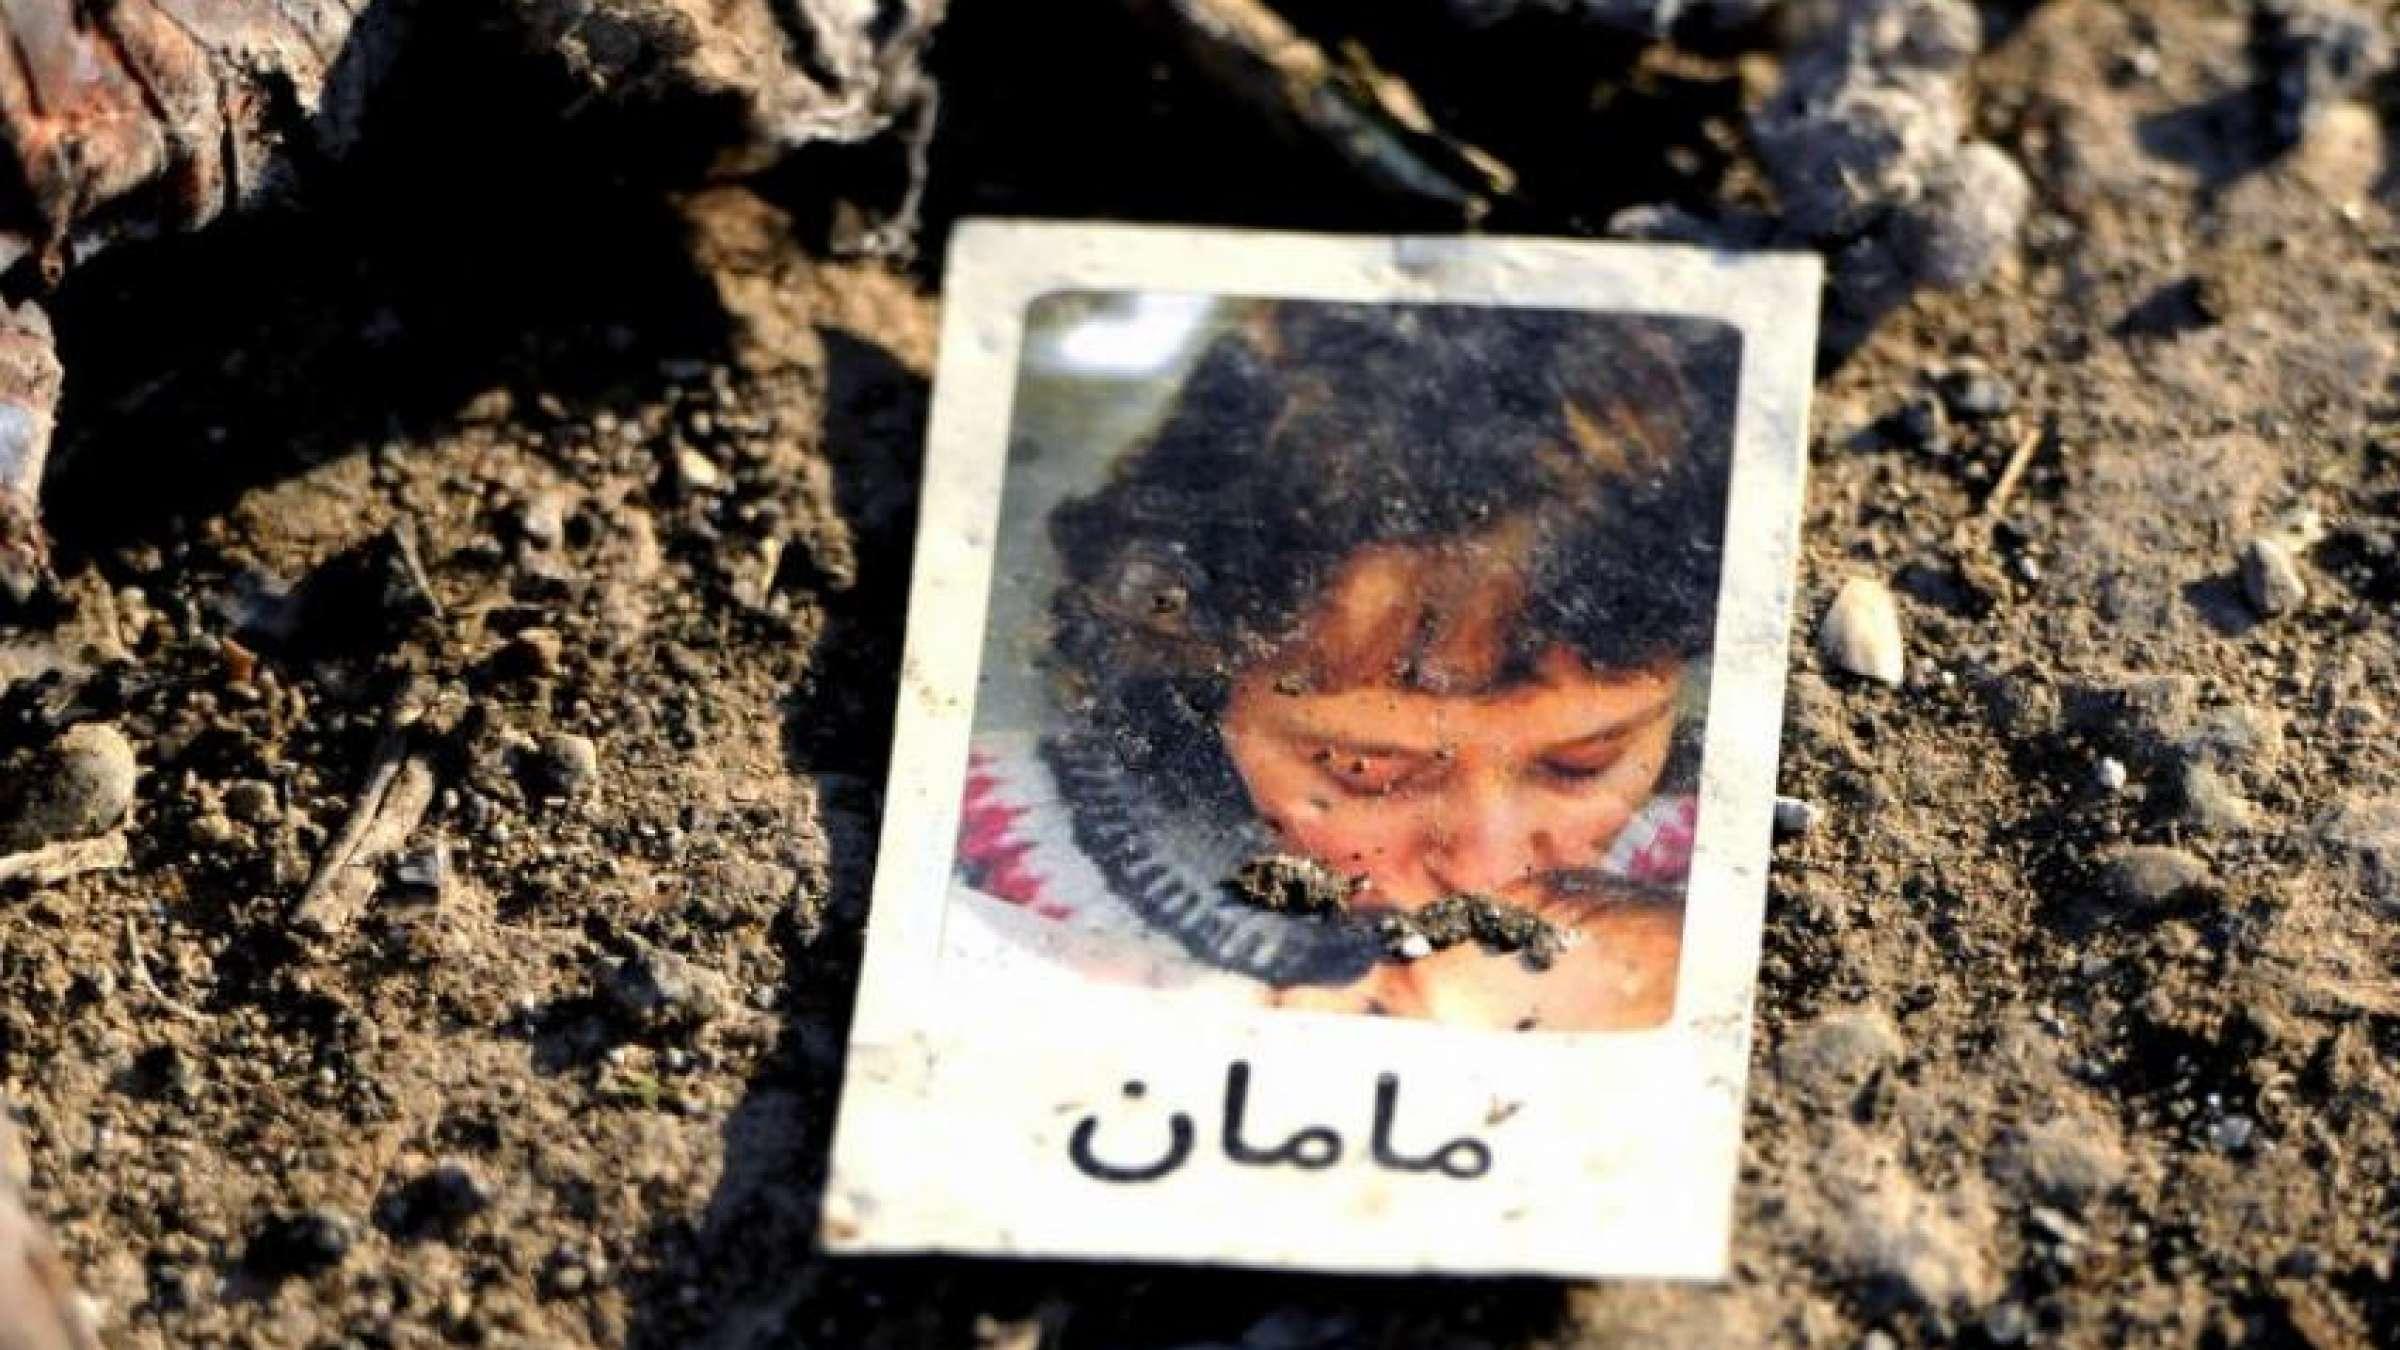 توافق-کانادا-با-جمهوری-اسلامی-برای-جبران-خسارات-خانواده-های-قربانیان-هواپیمای- اوکراینی